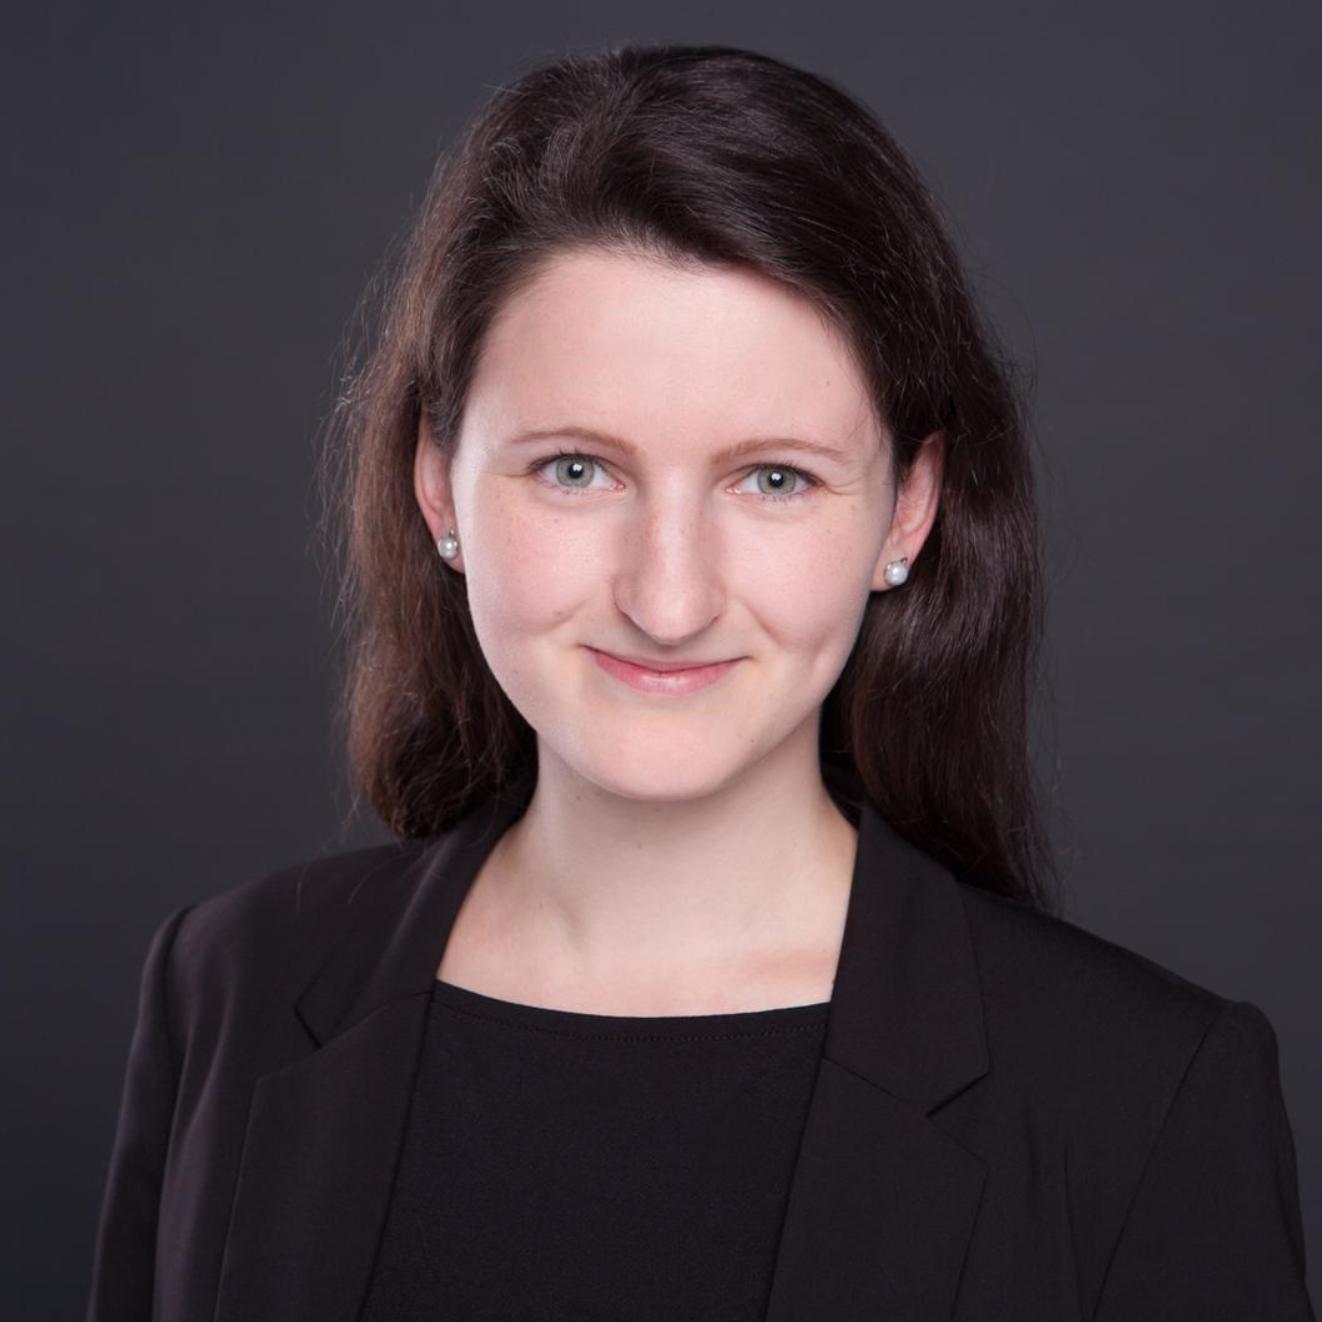 Lara Schech